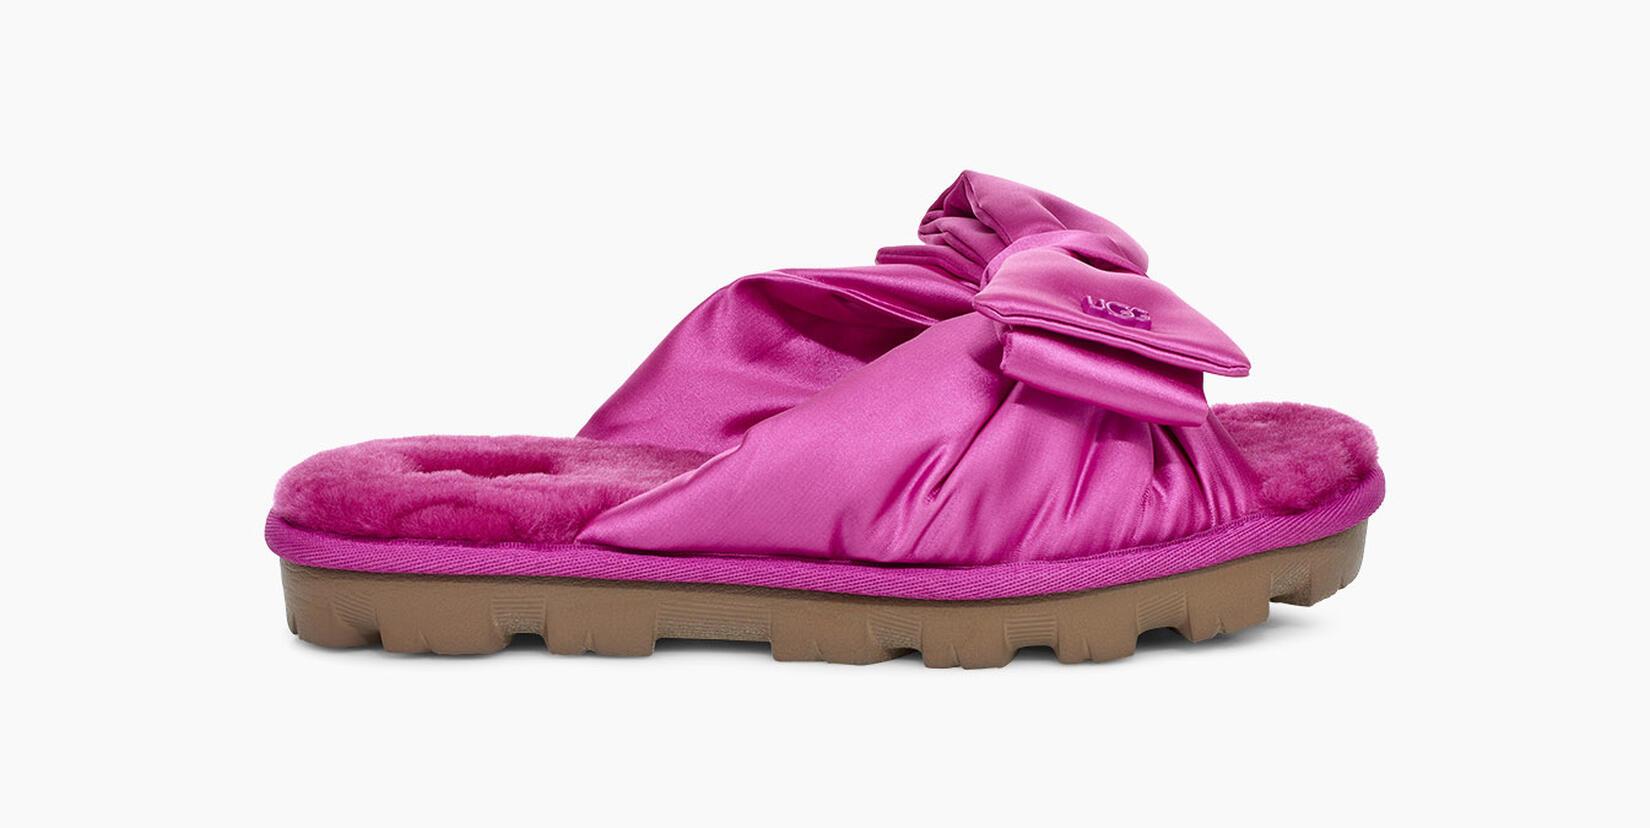 Lushette Puffer Slipper